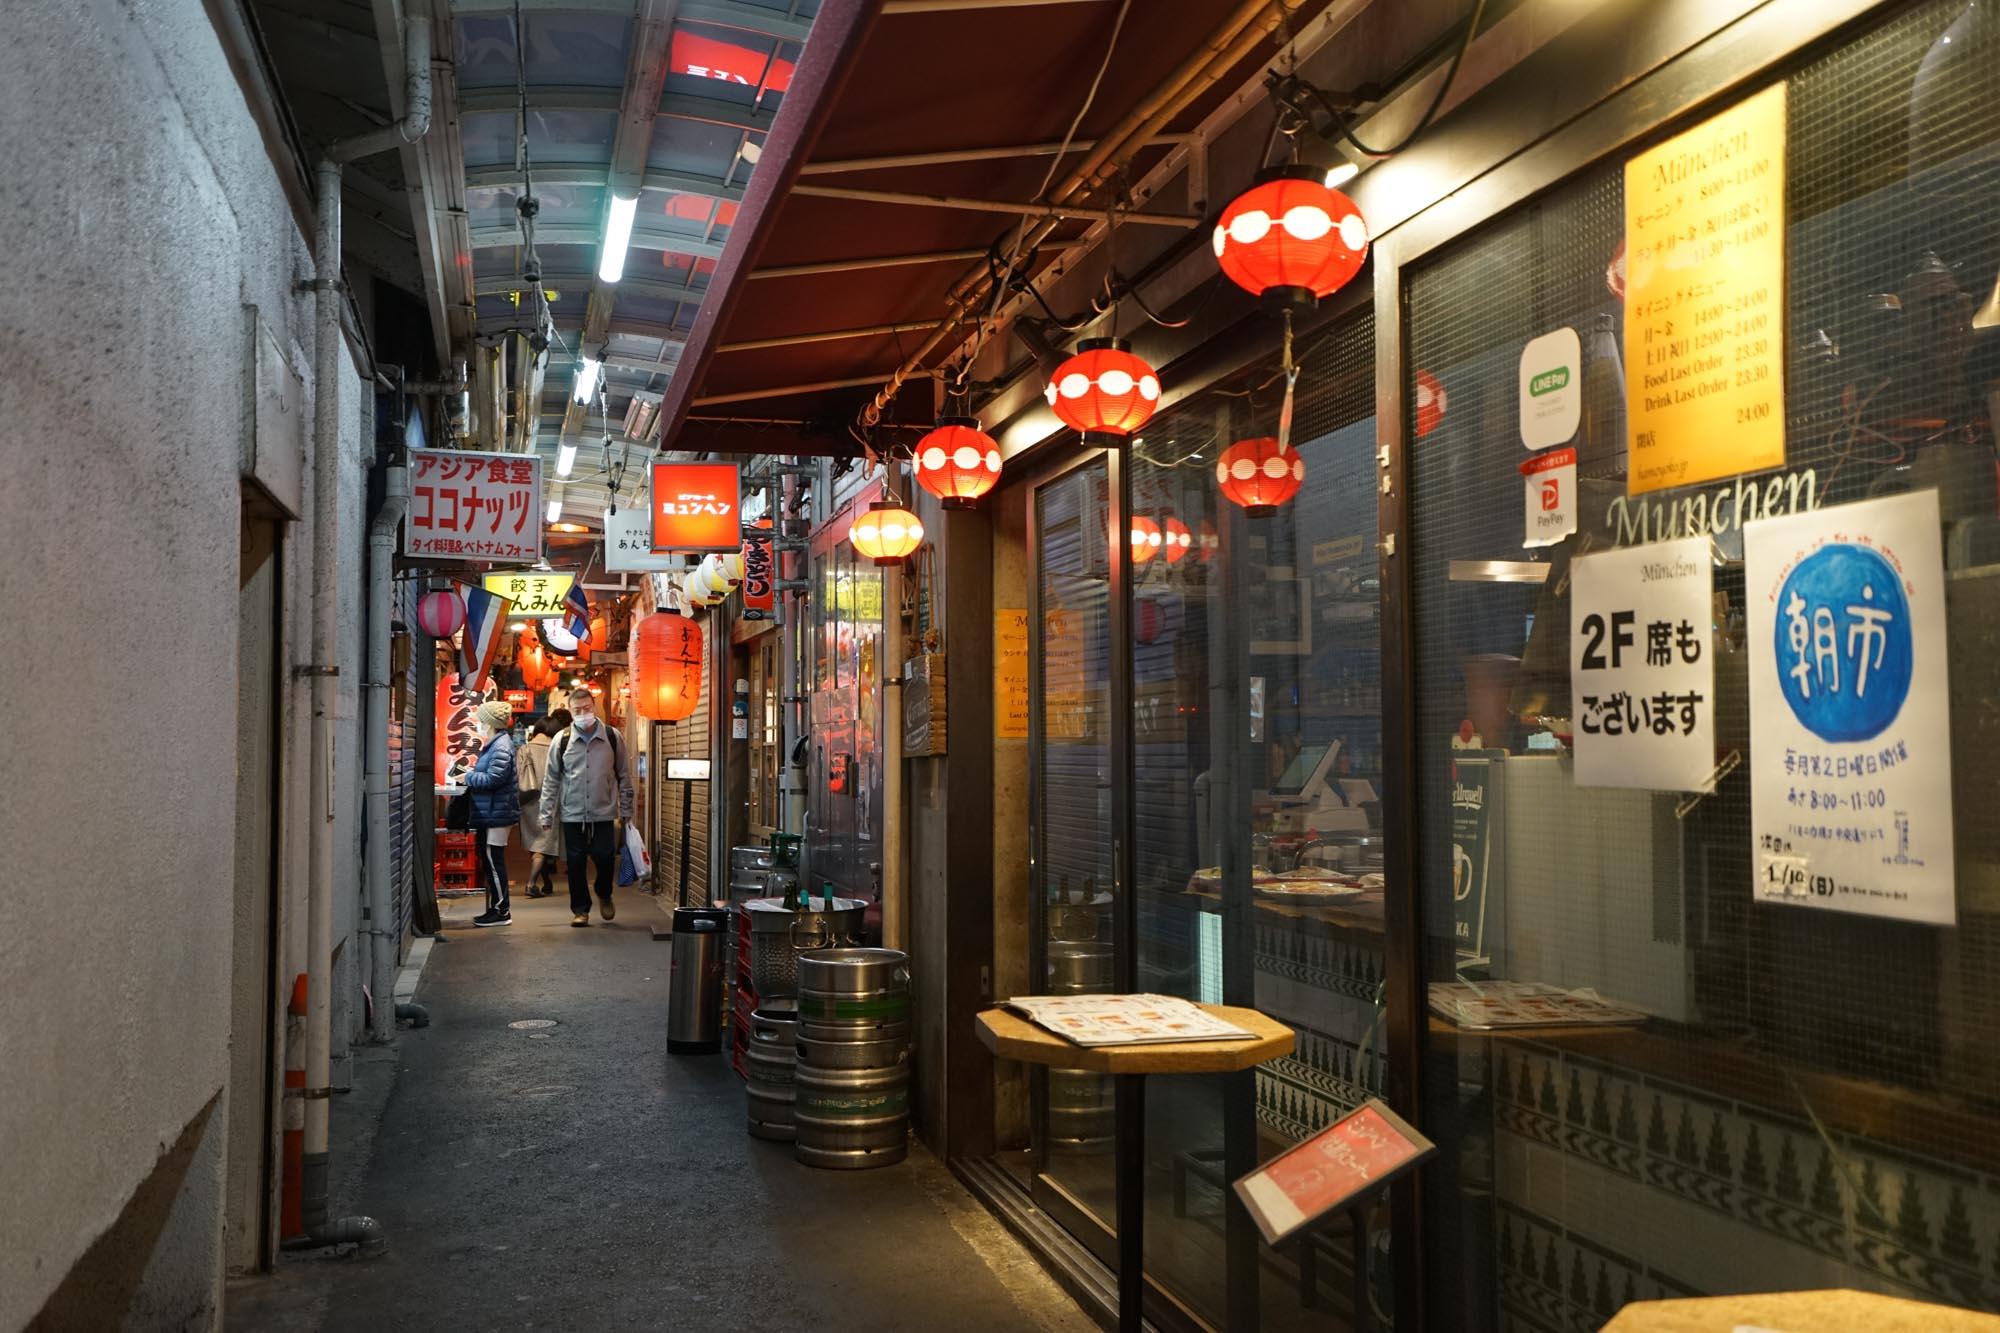 狭い路地に、軒先に椅子席を出したいろんなお店がぎゅっと並んでいて、ちょっと東南アジアの雰囲気。